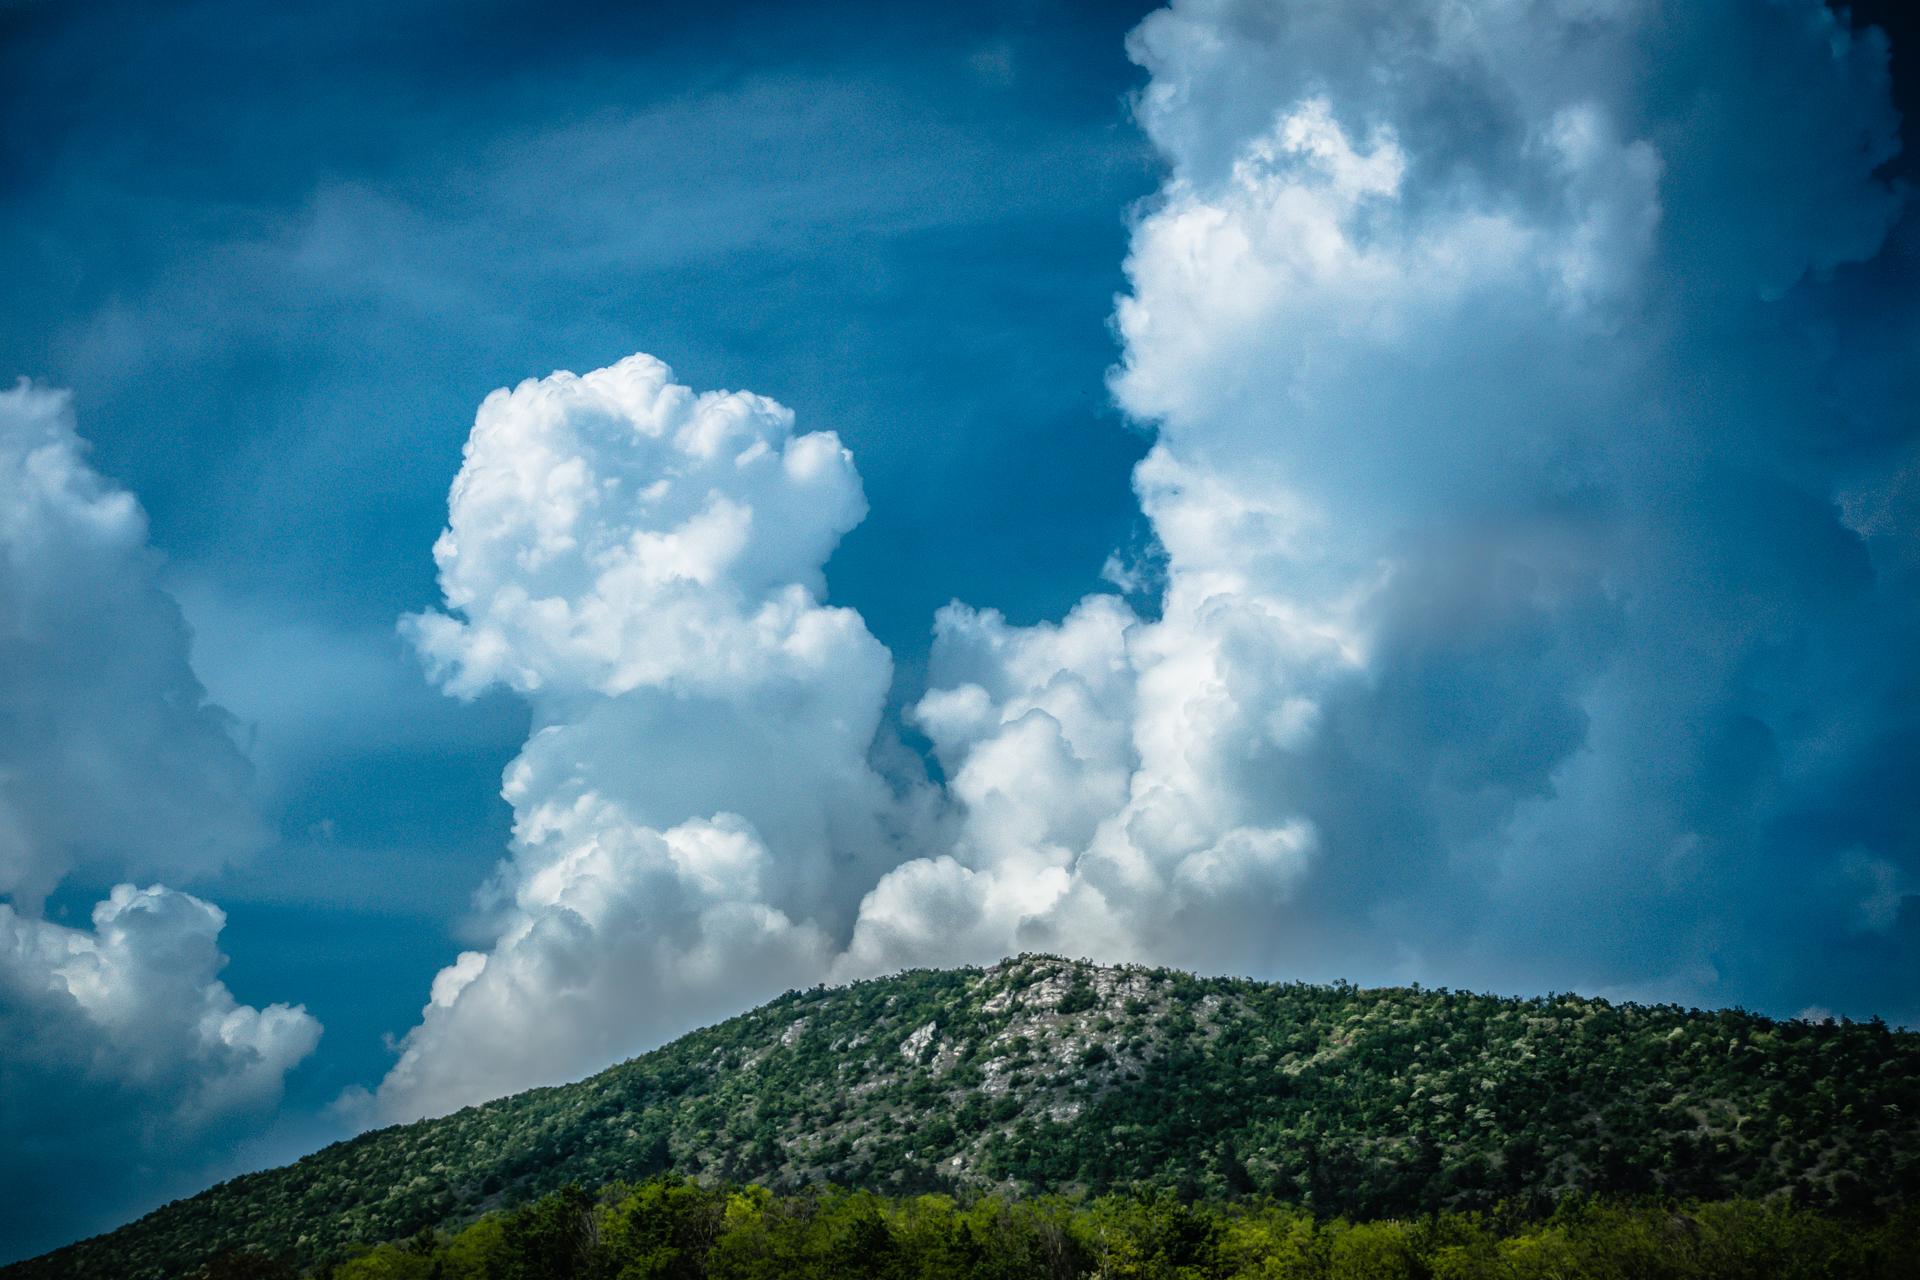 они аномальные облака над горой фото широкое, поэтому